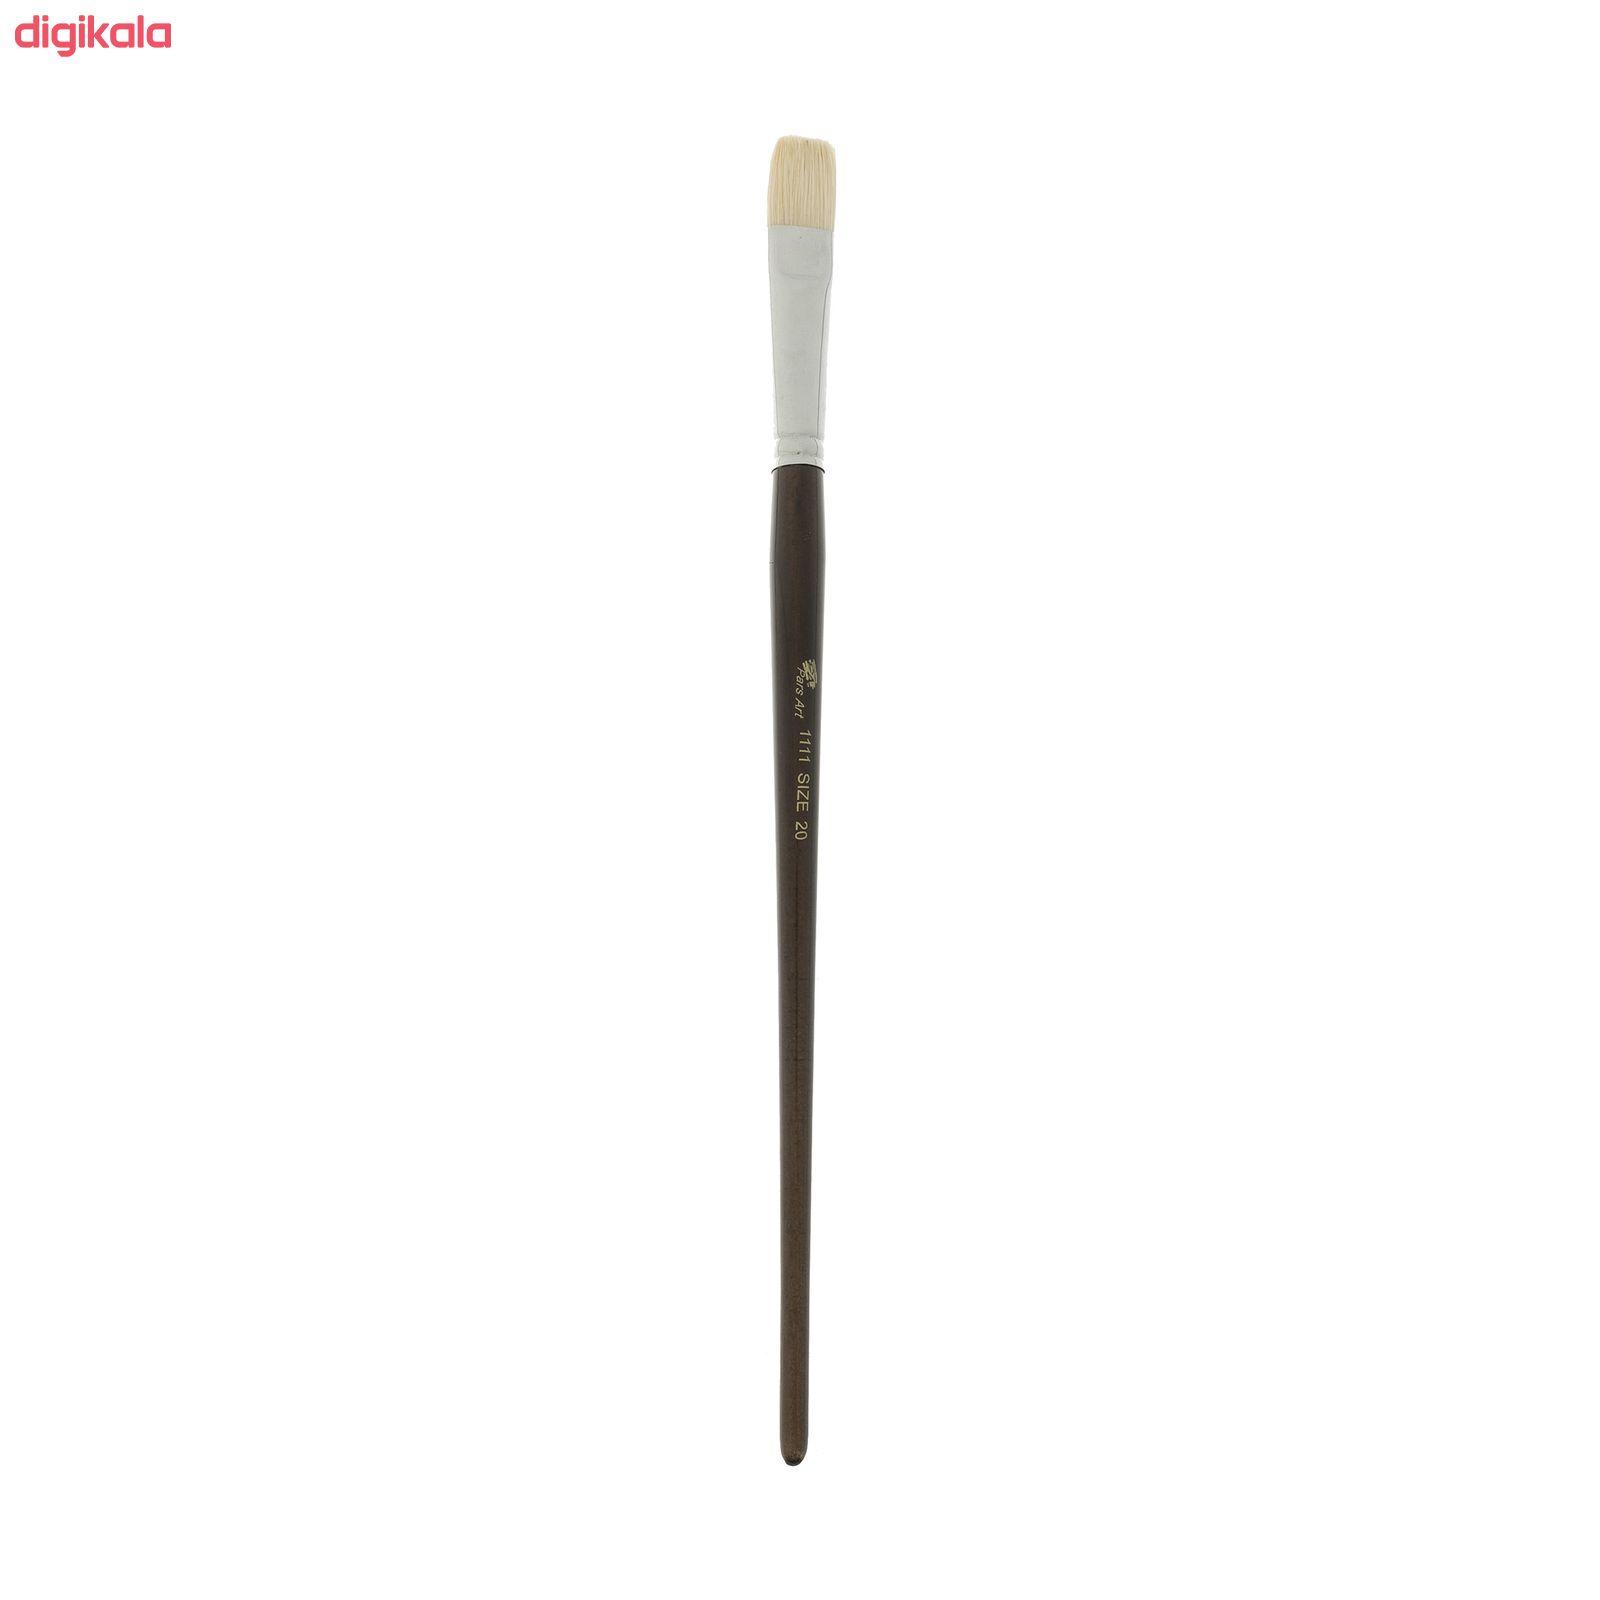 قلم مو تخت پارس آرت شماره 20 کد 1111 main 1 1